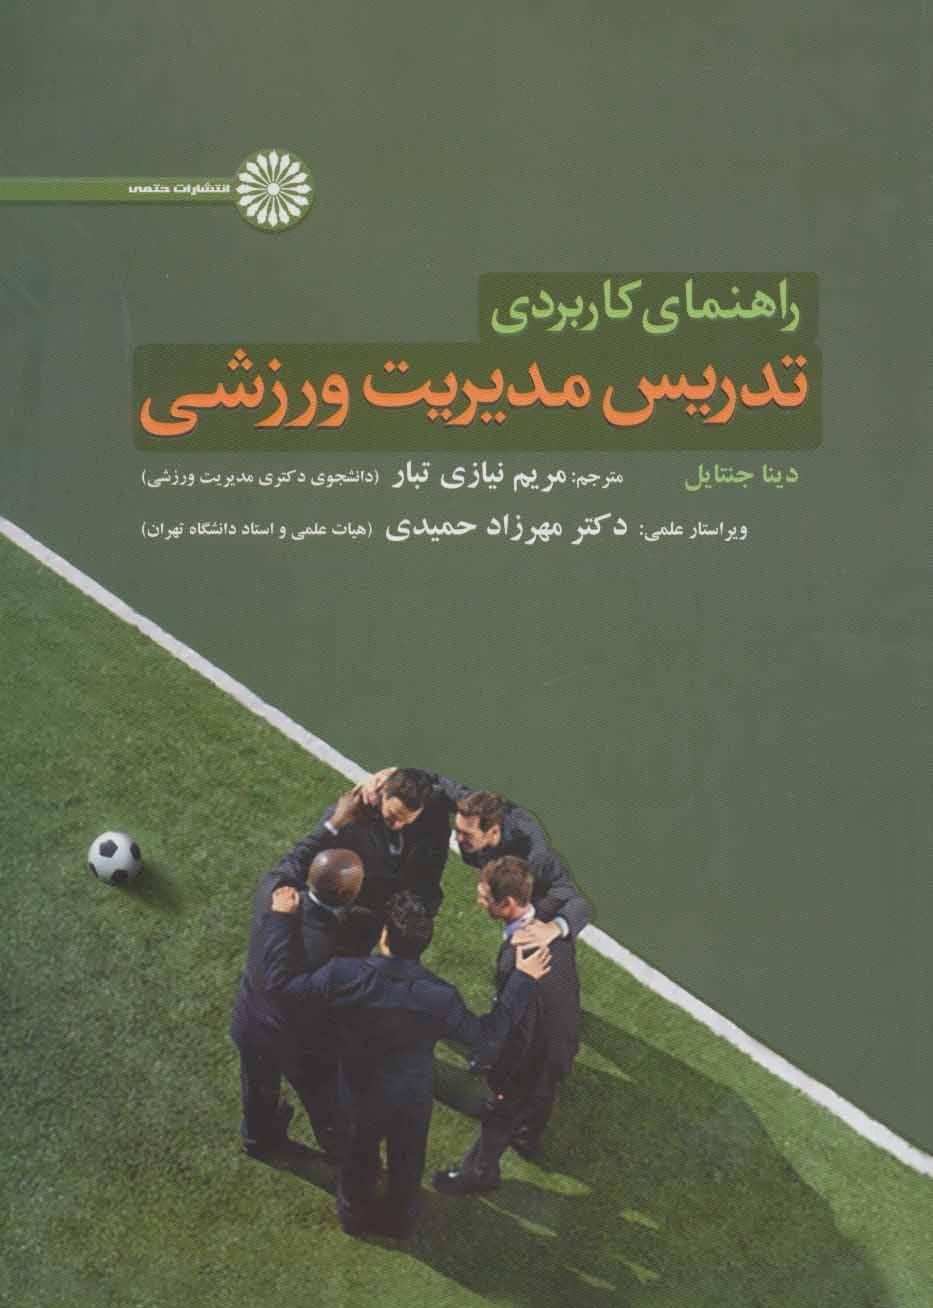 کتاب راهنمای کاربردی تدریس مدیریت ورزشی